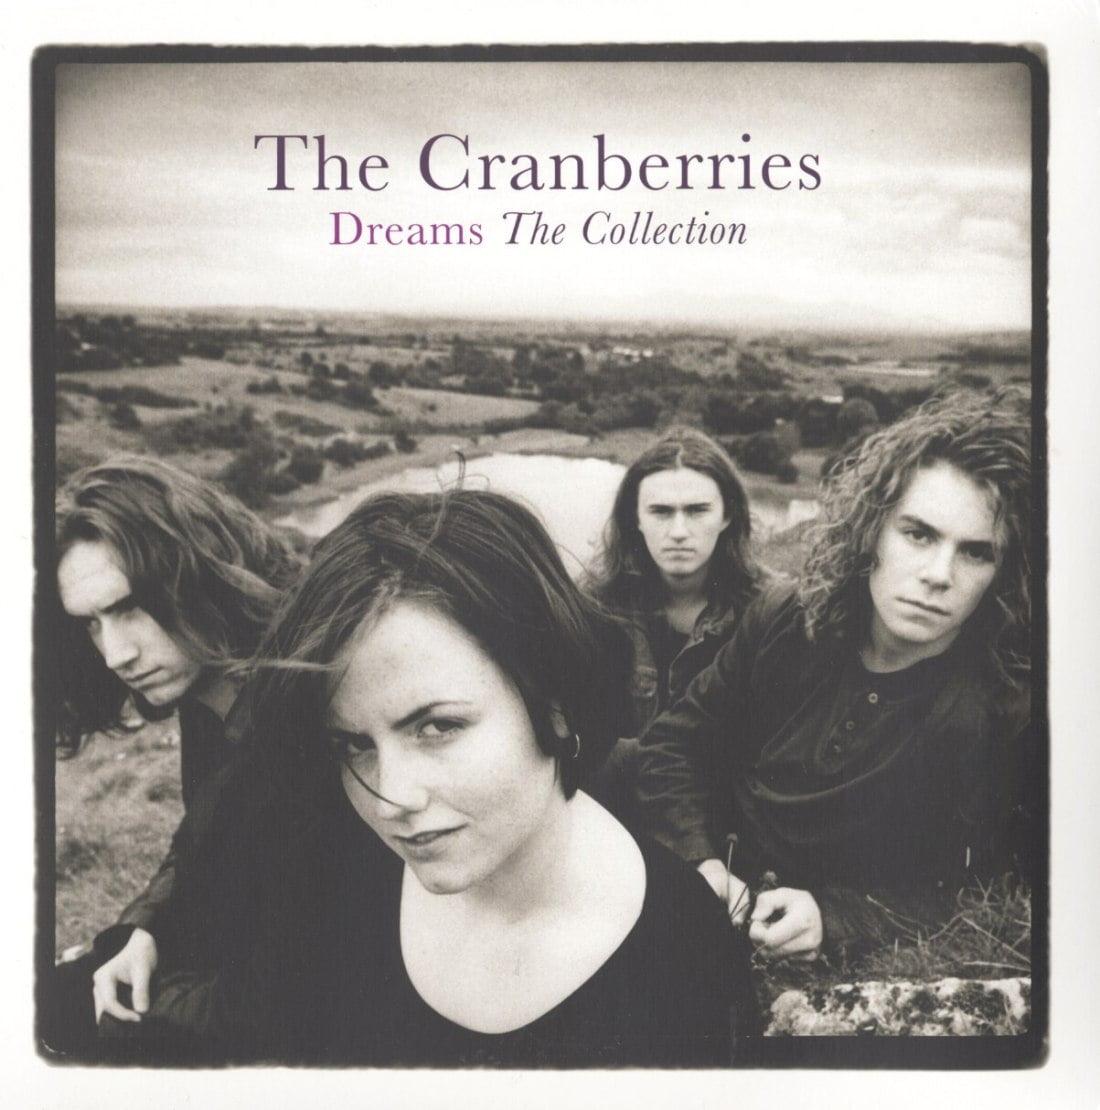 The Cranberries - Dreams: The Collection - Vinyl, LP, Spectrum Audio Uk, Import, 2020